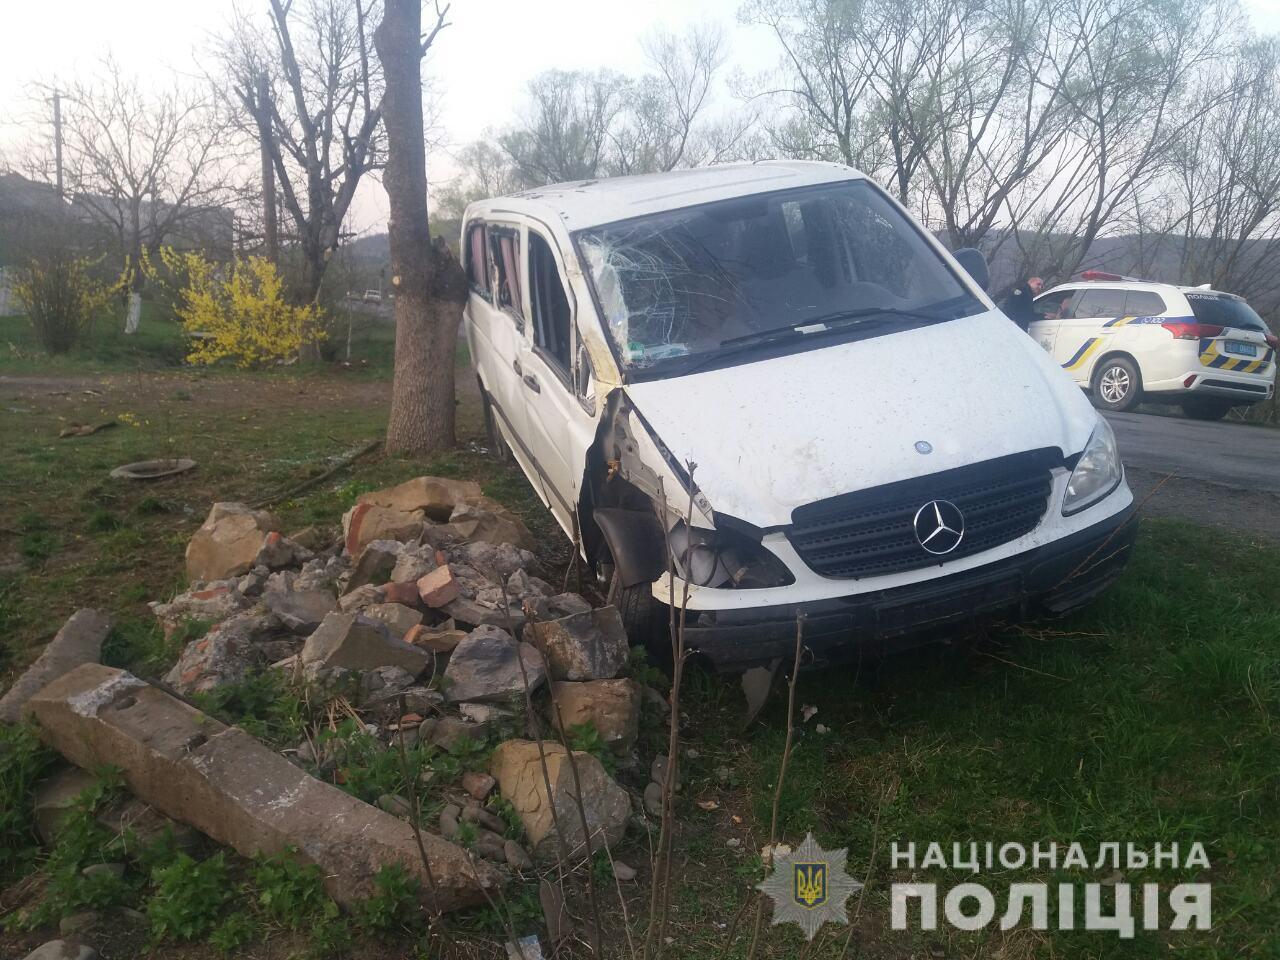 П'яний водій мікроавтобуса скоїв аварію у селі Мирча Великоберезнянського району